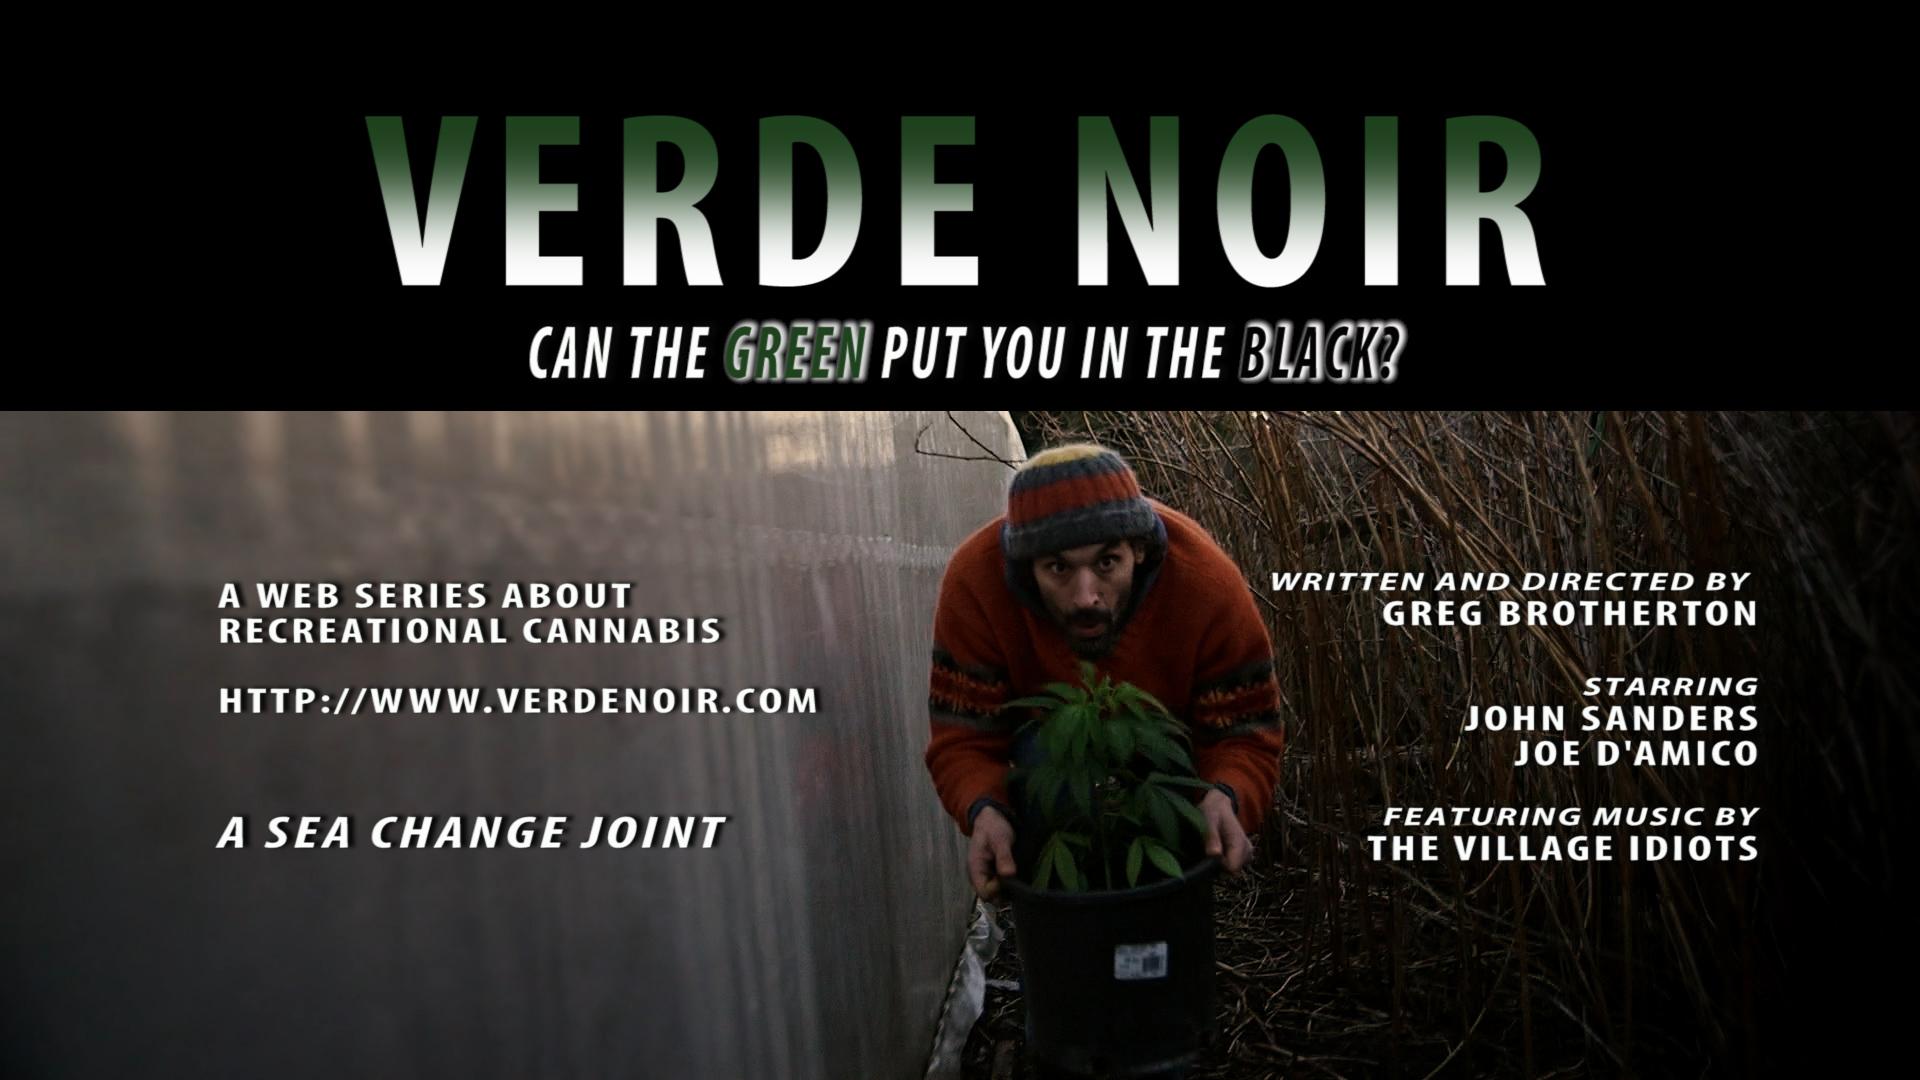 Verde Noir